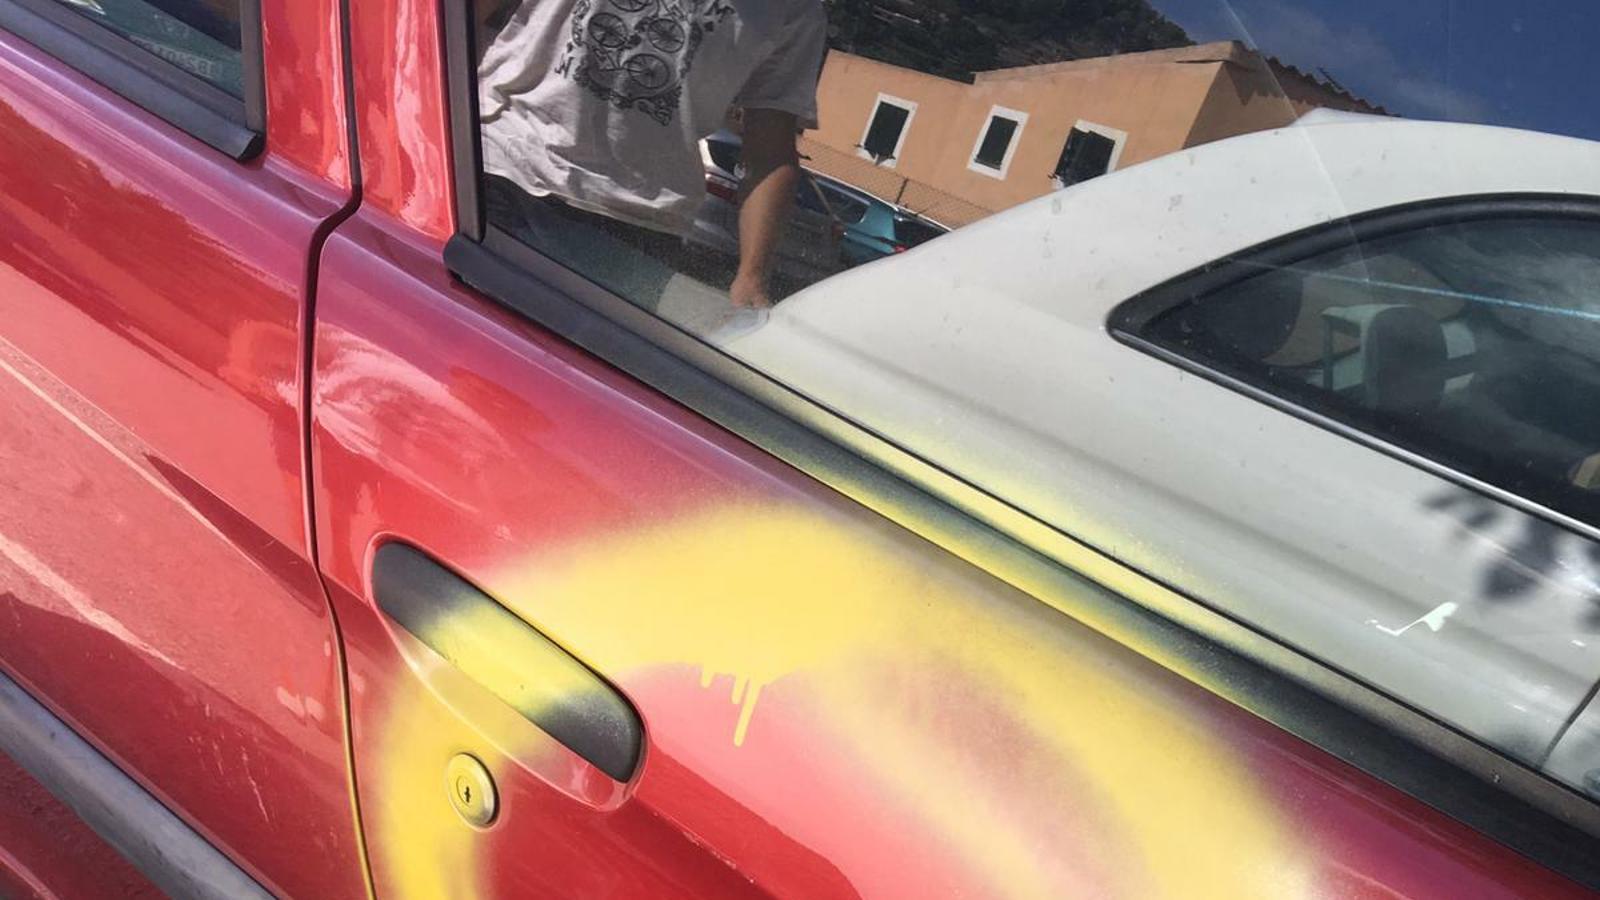 Atac catalanòfob al vehicle de PaulaRotger